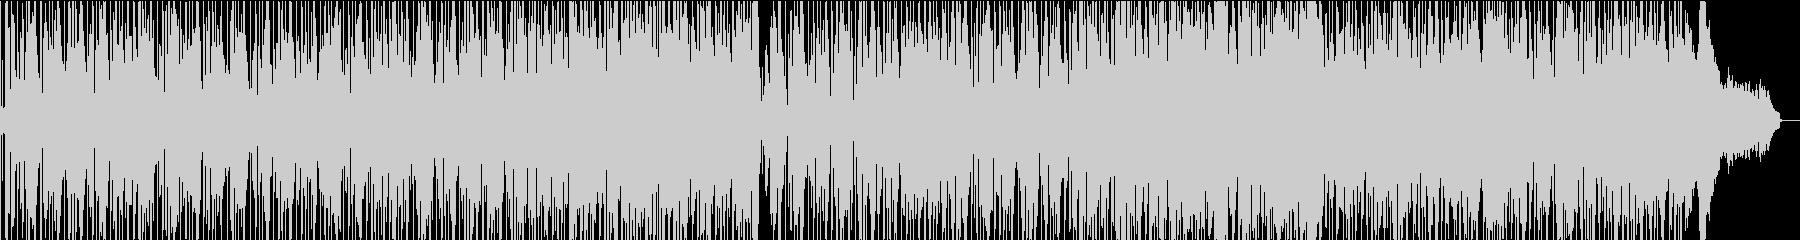 ローズピアノの心地よいスムースジャズの未再生の波形